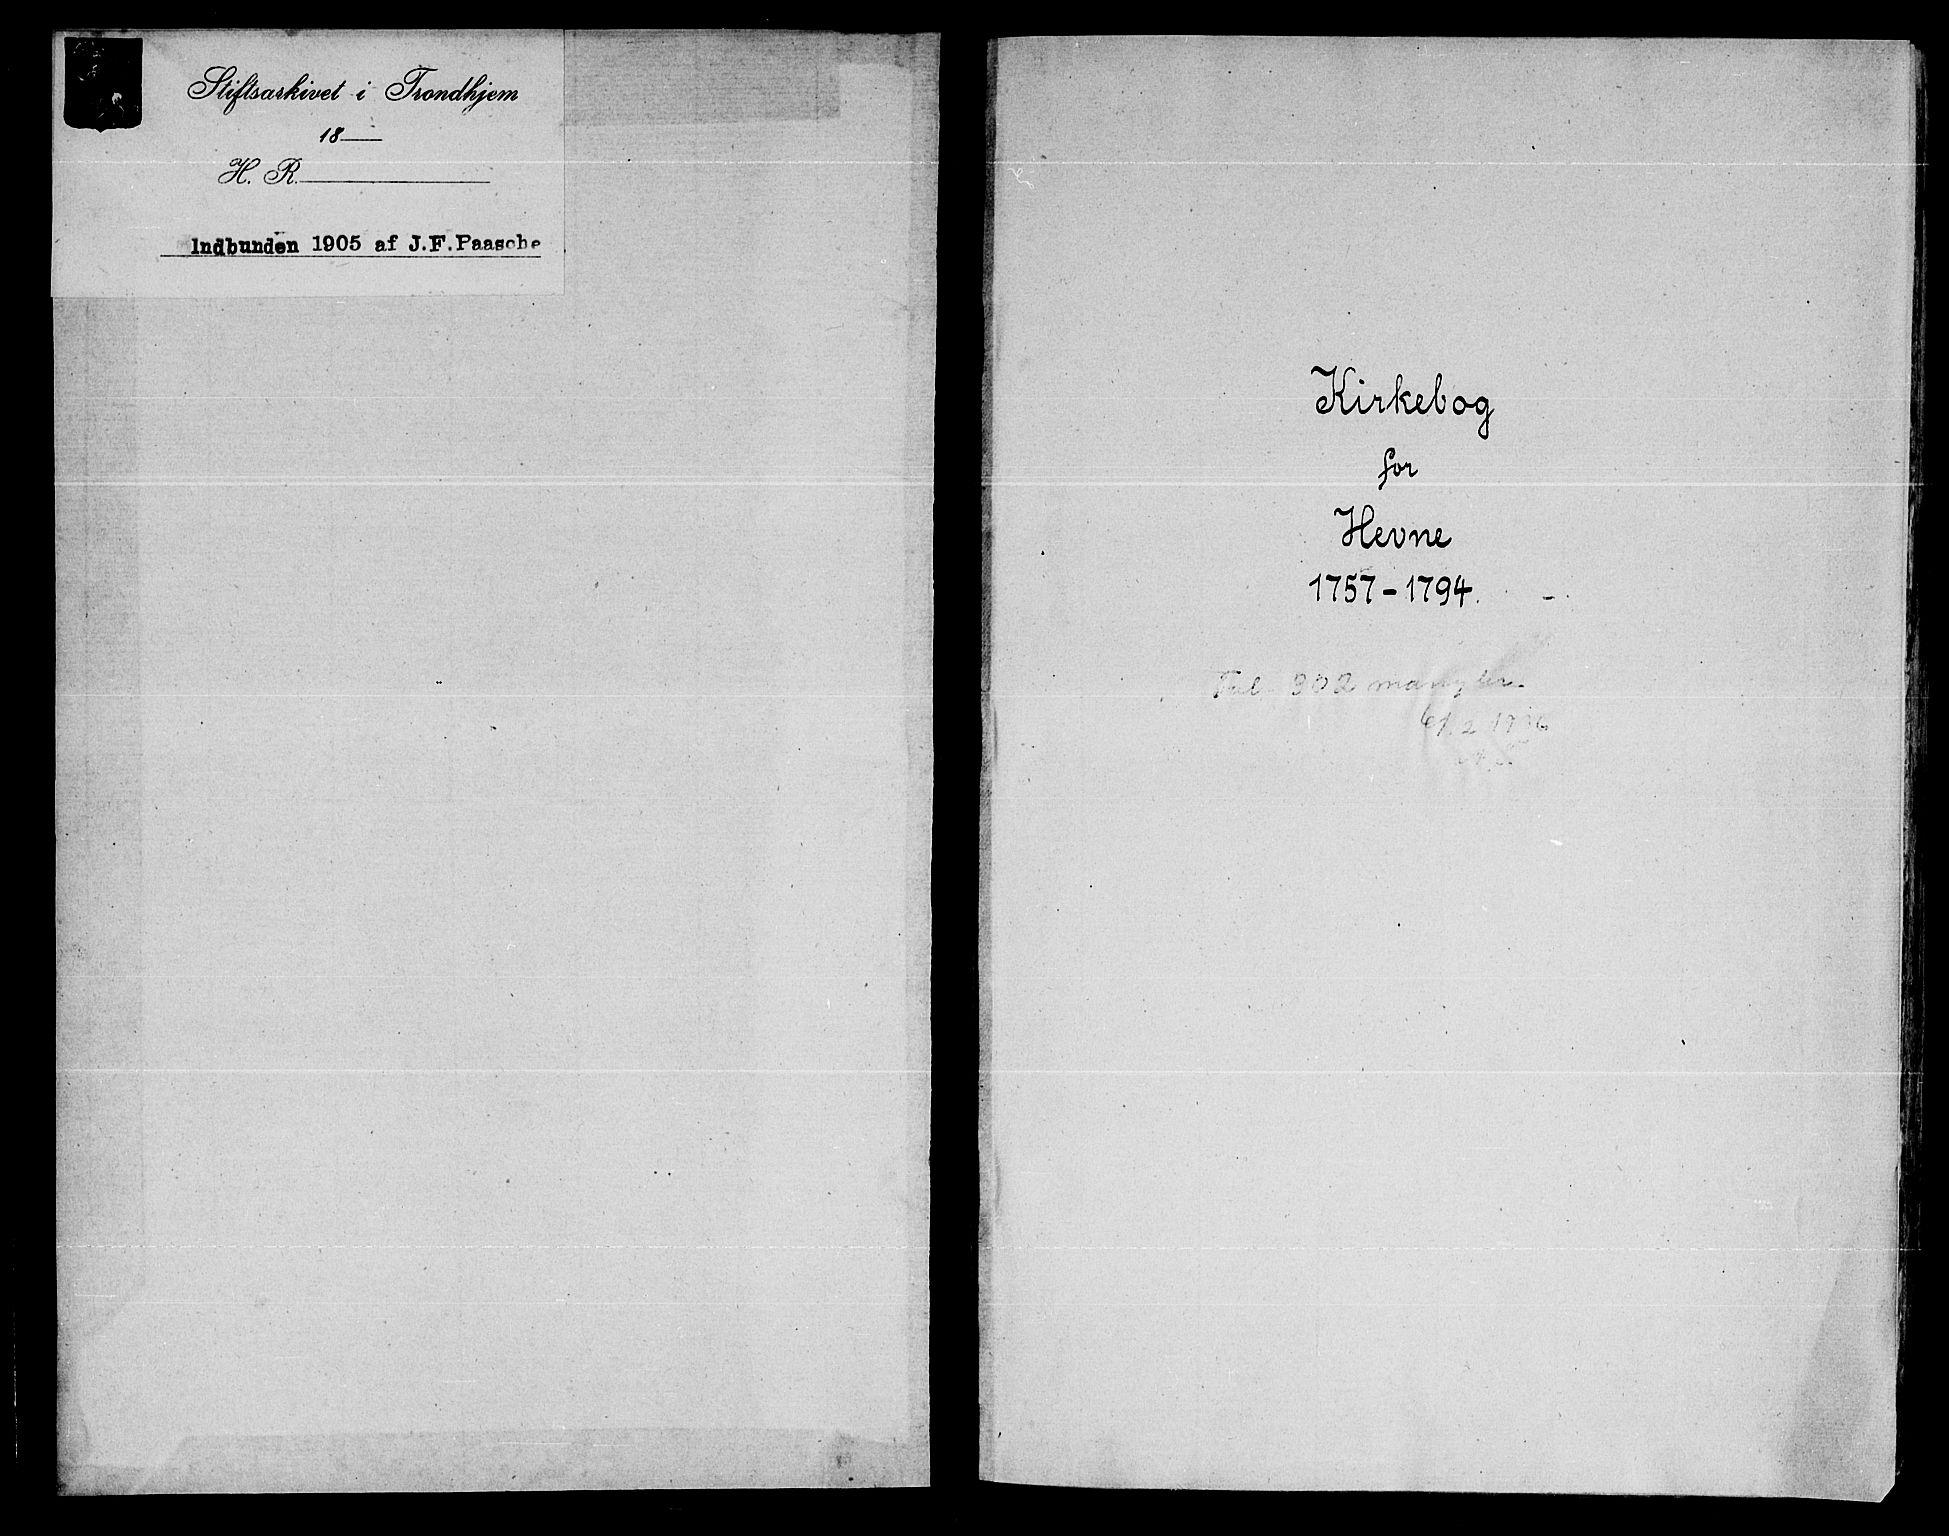 SAT, Ministerialprotokoller, klokkerbøker og fødselsregistre - Sør-Trøndelag, 630/L0489: Ministerialbok nr. 630A02, 1757-1794